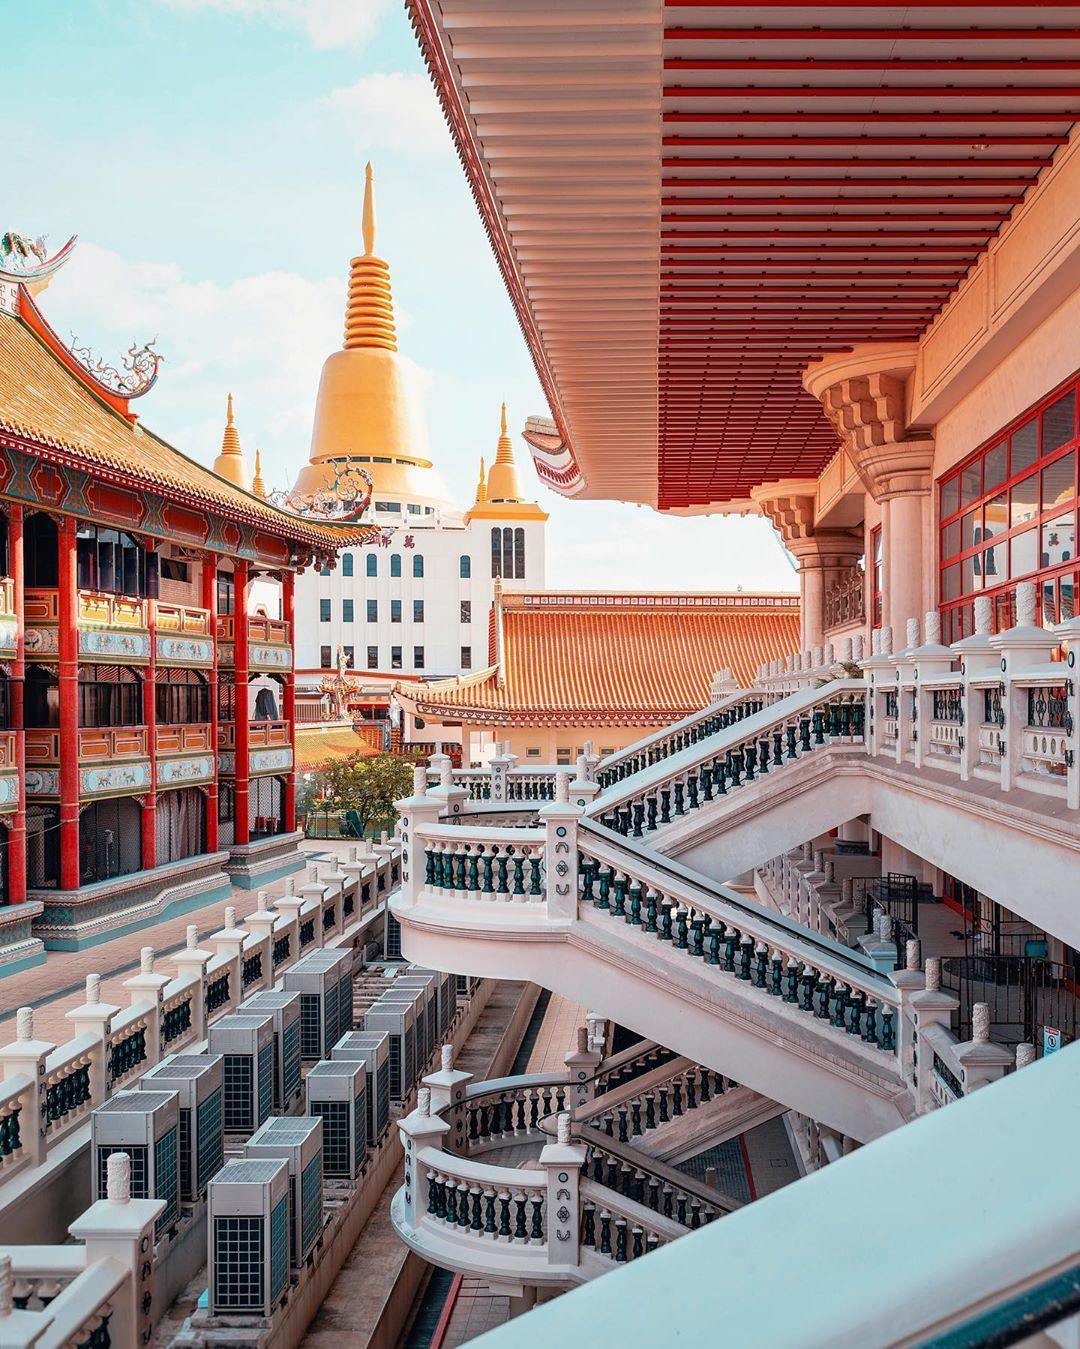 Tempat ibadah di Singapura